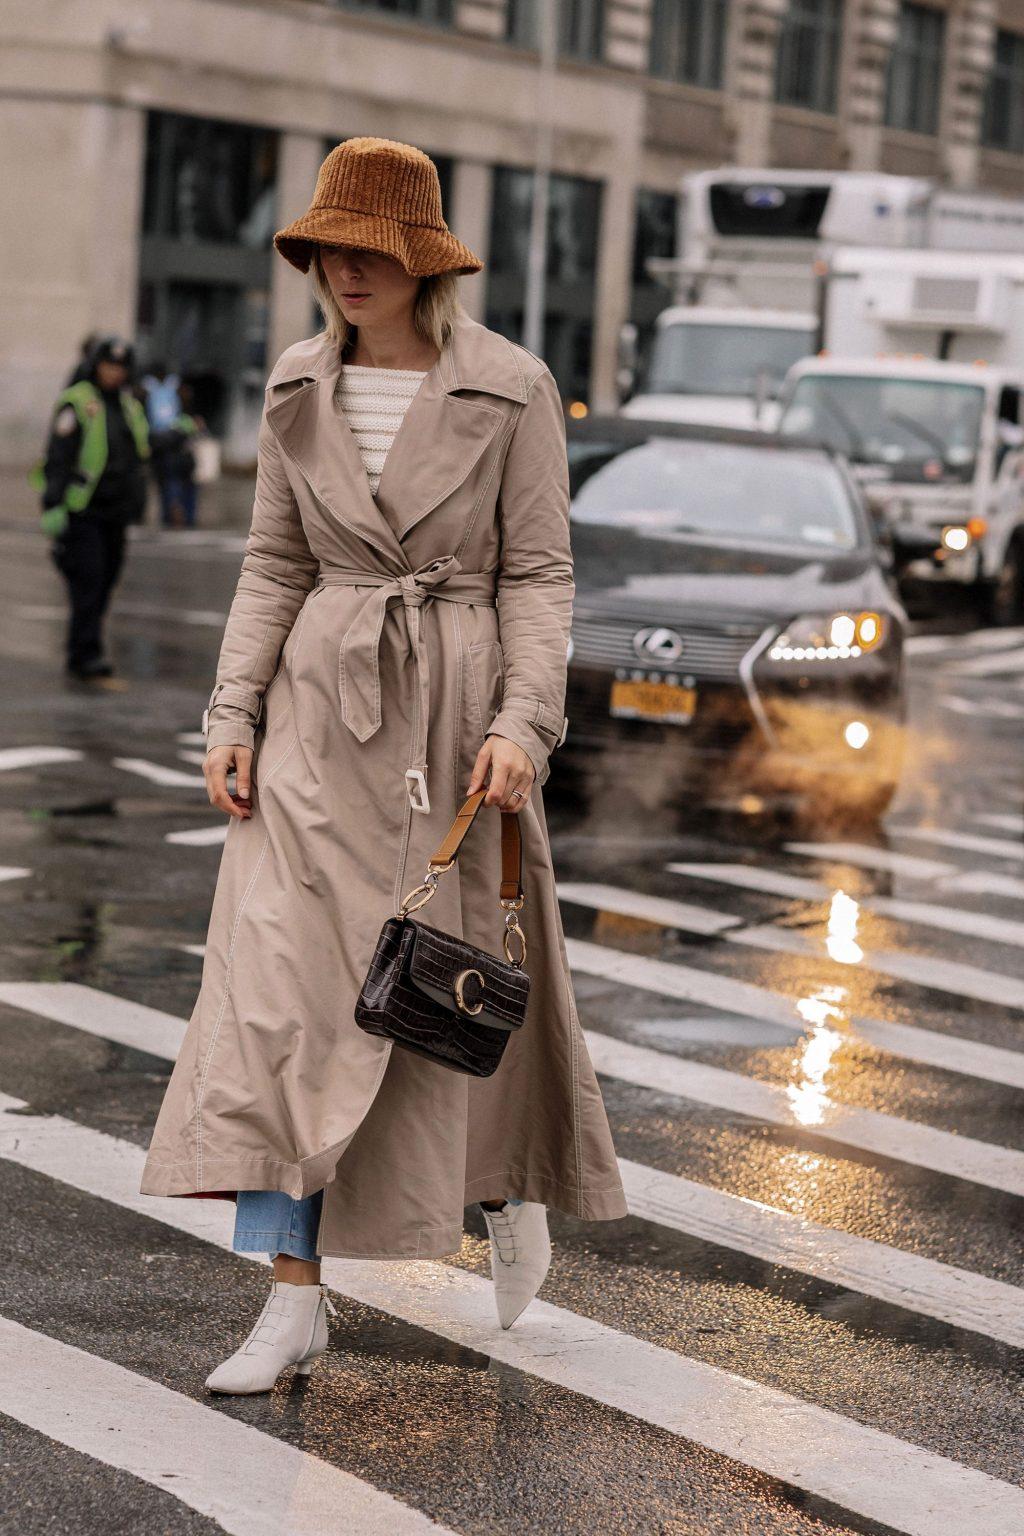 """xu hướng thời trang đường phố hứa hẹn sẽ """"khuấy động"""" làng mốt 32"""